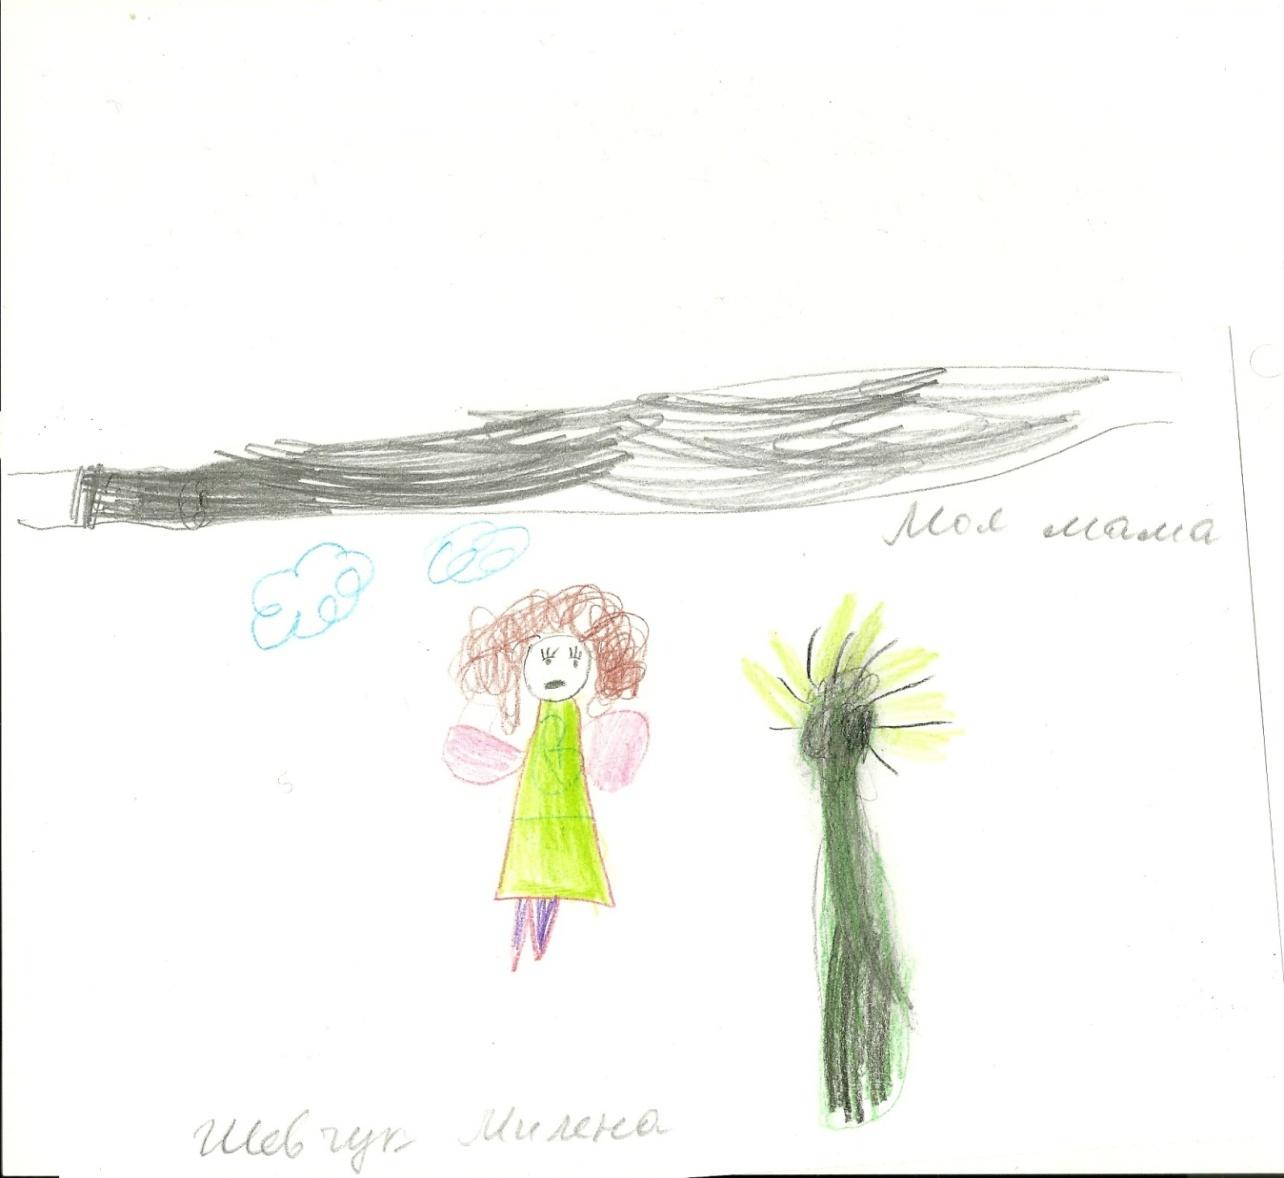 C:\Users\NecroS\Pictures\Мои сканированные изображения\2013-05 (май) Моя семья рисунки детей\сканирование0003.jpg